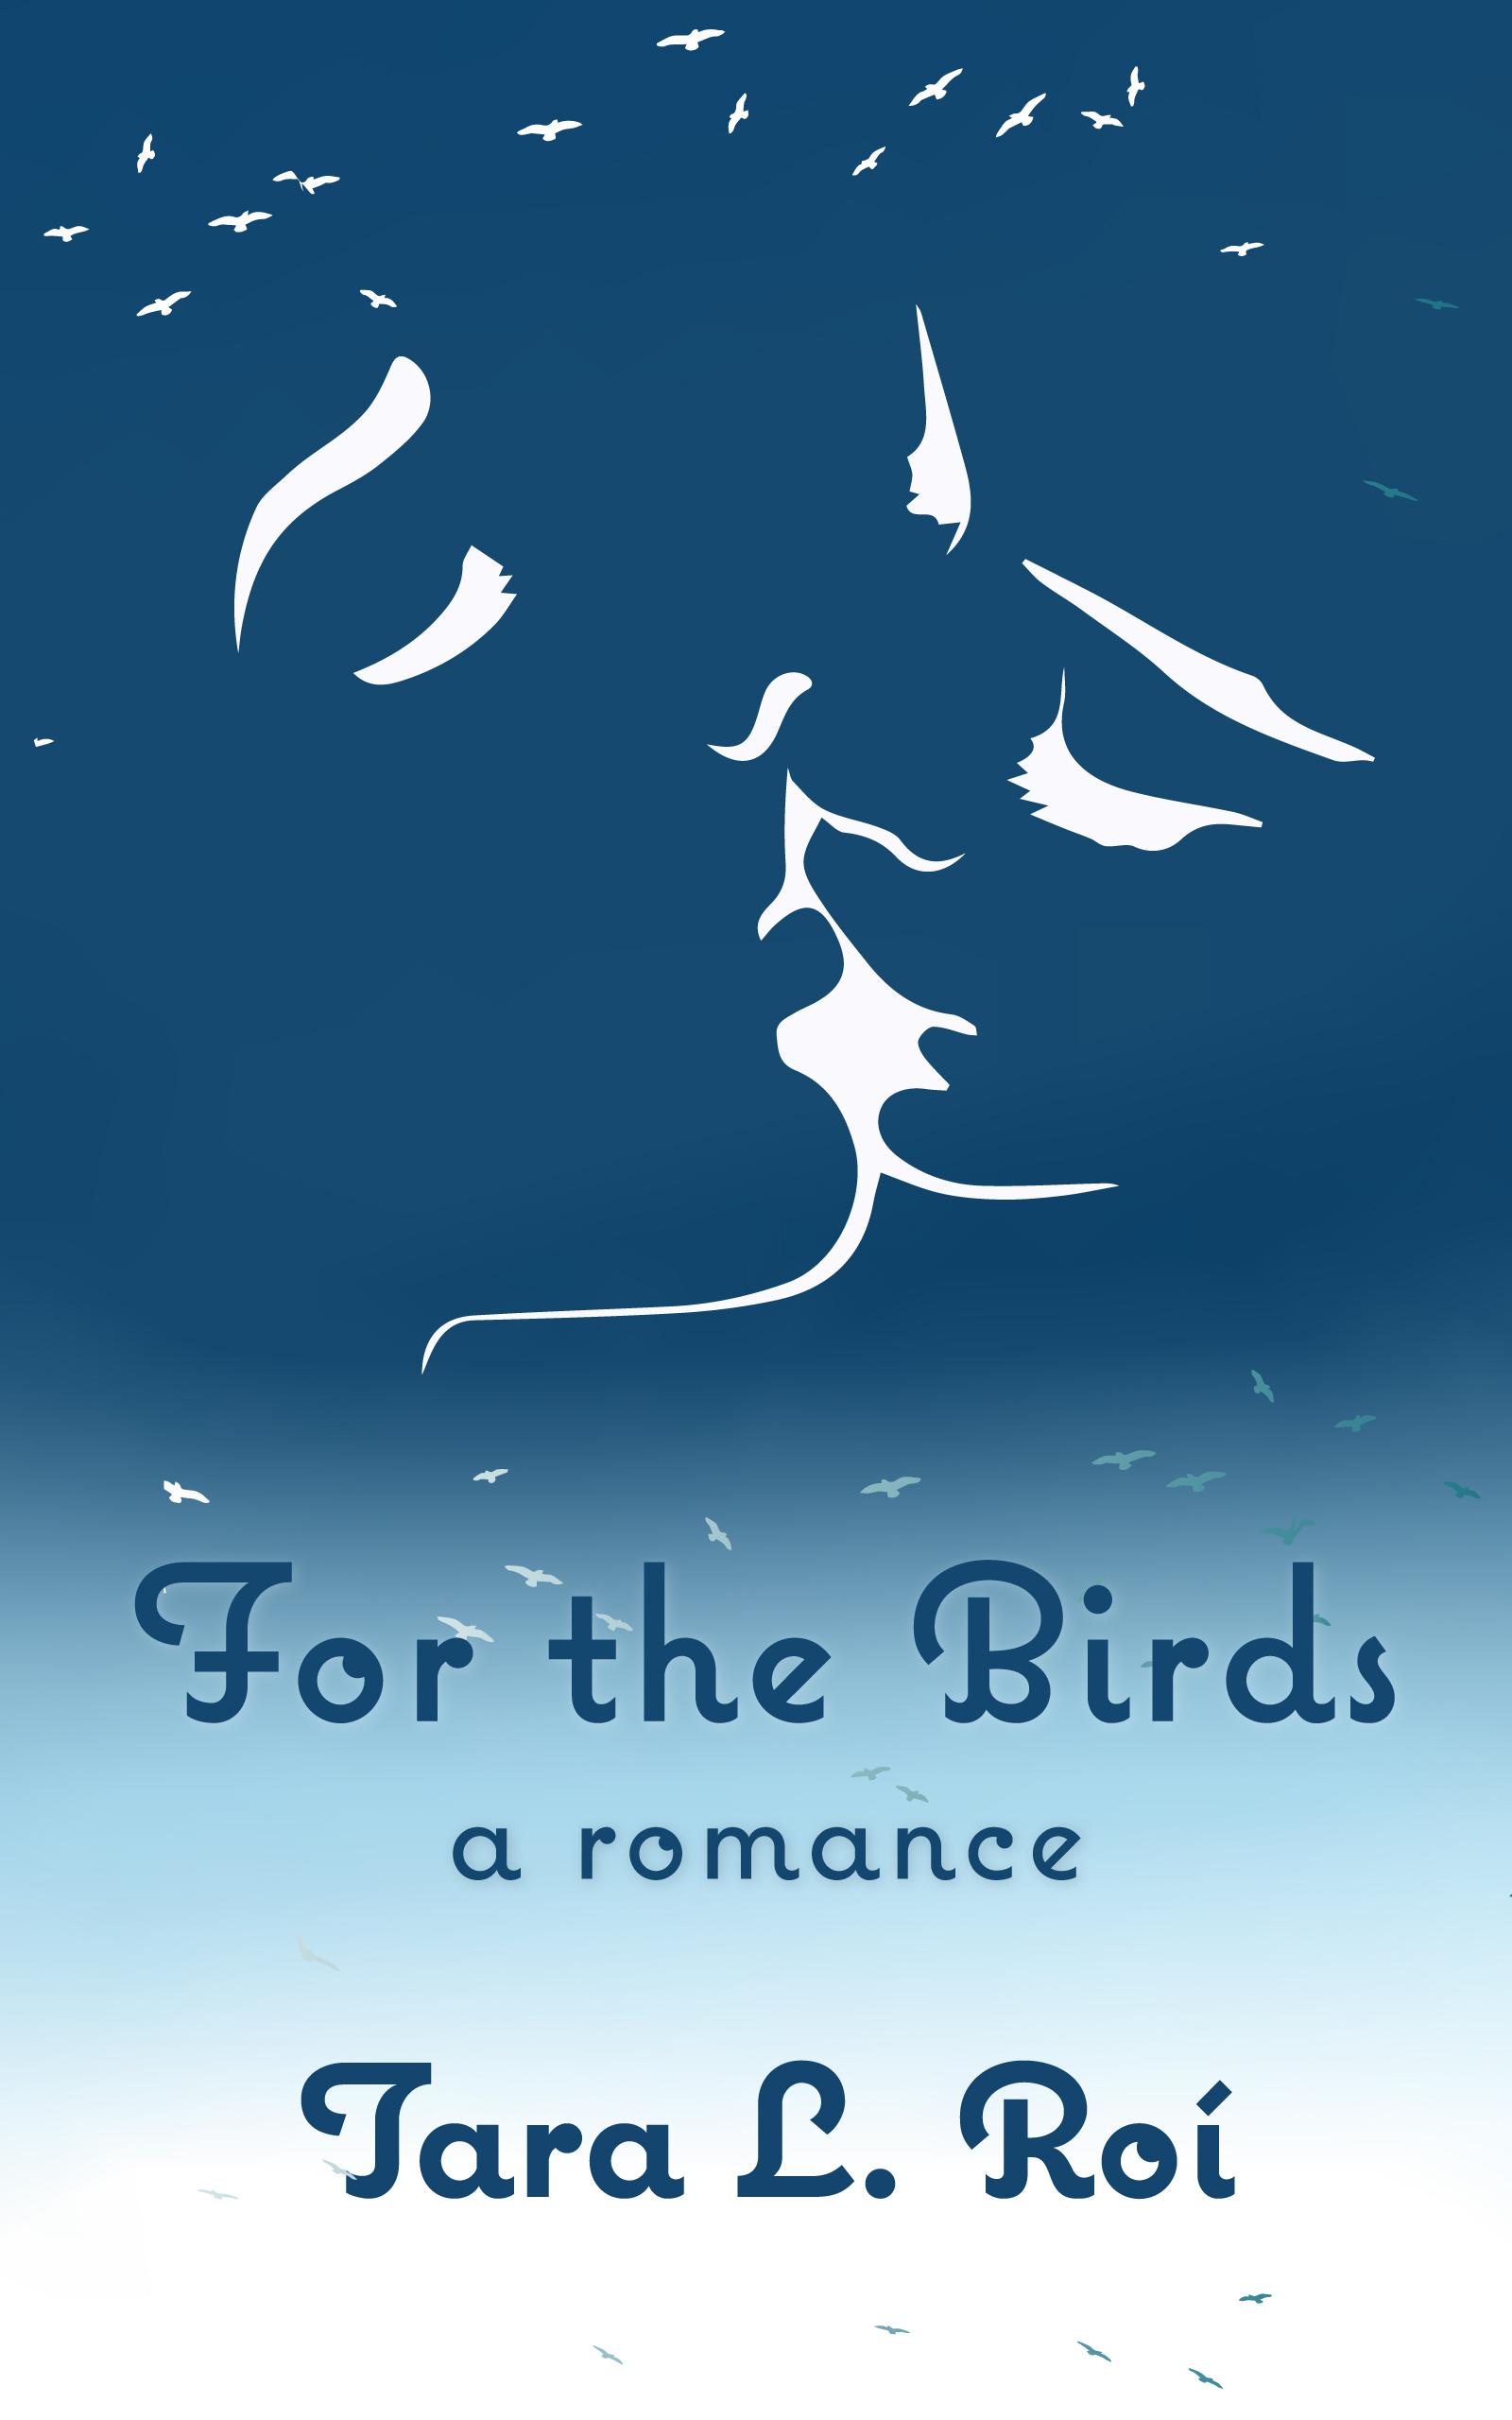 For the Birds Tara Roí Book Cover